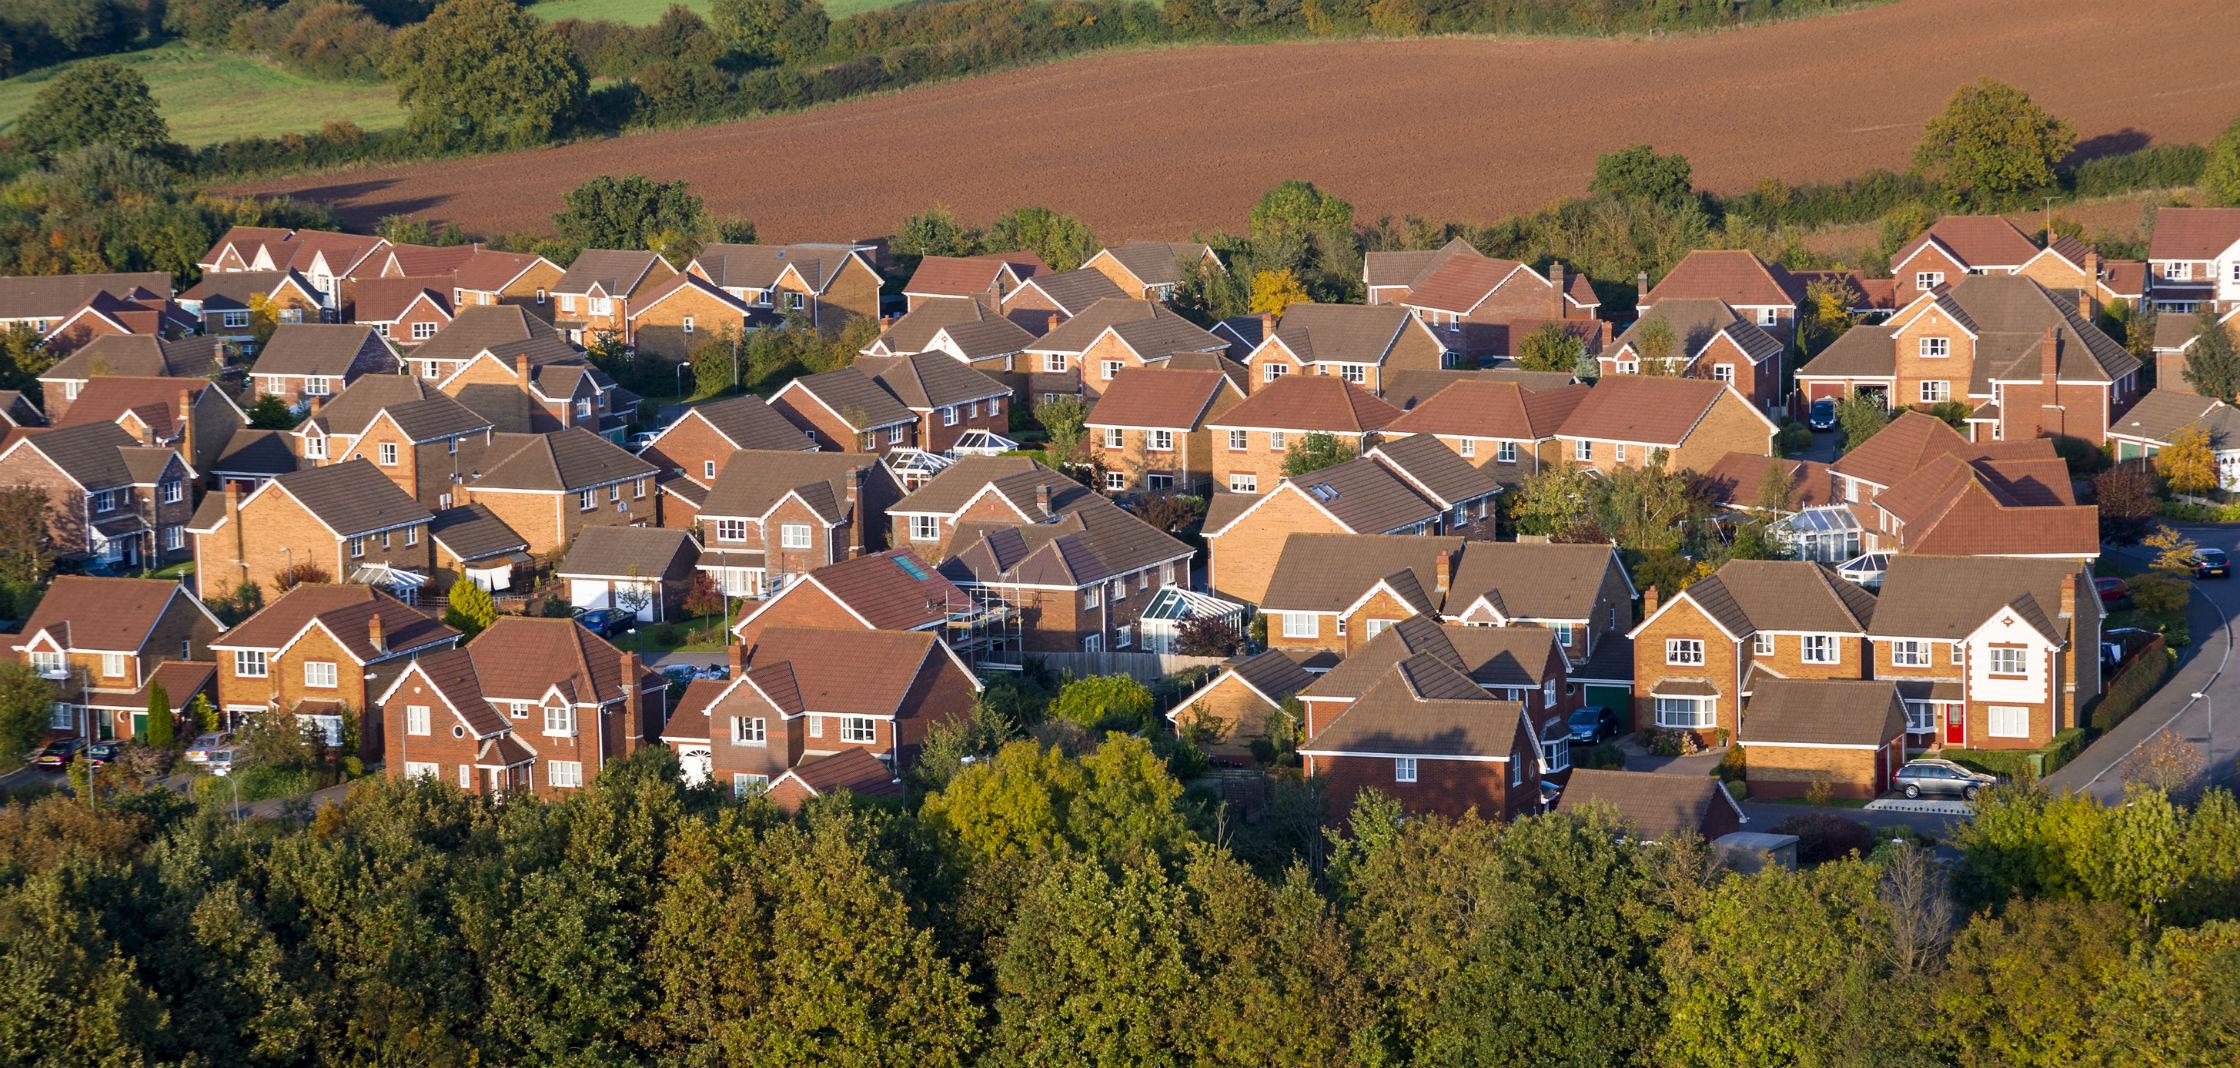 Housing-estage-near-a-field-1